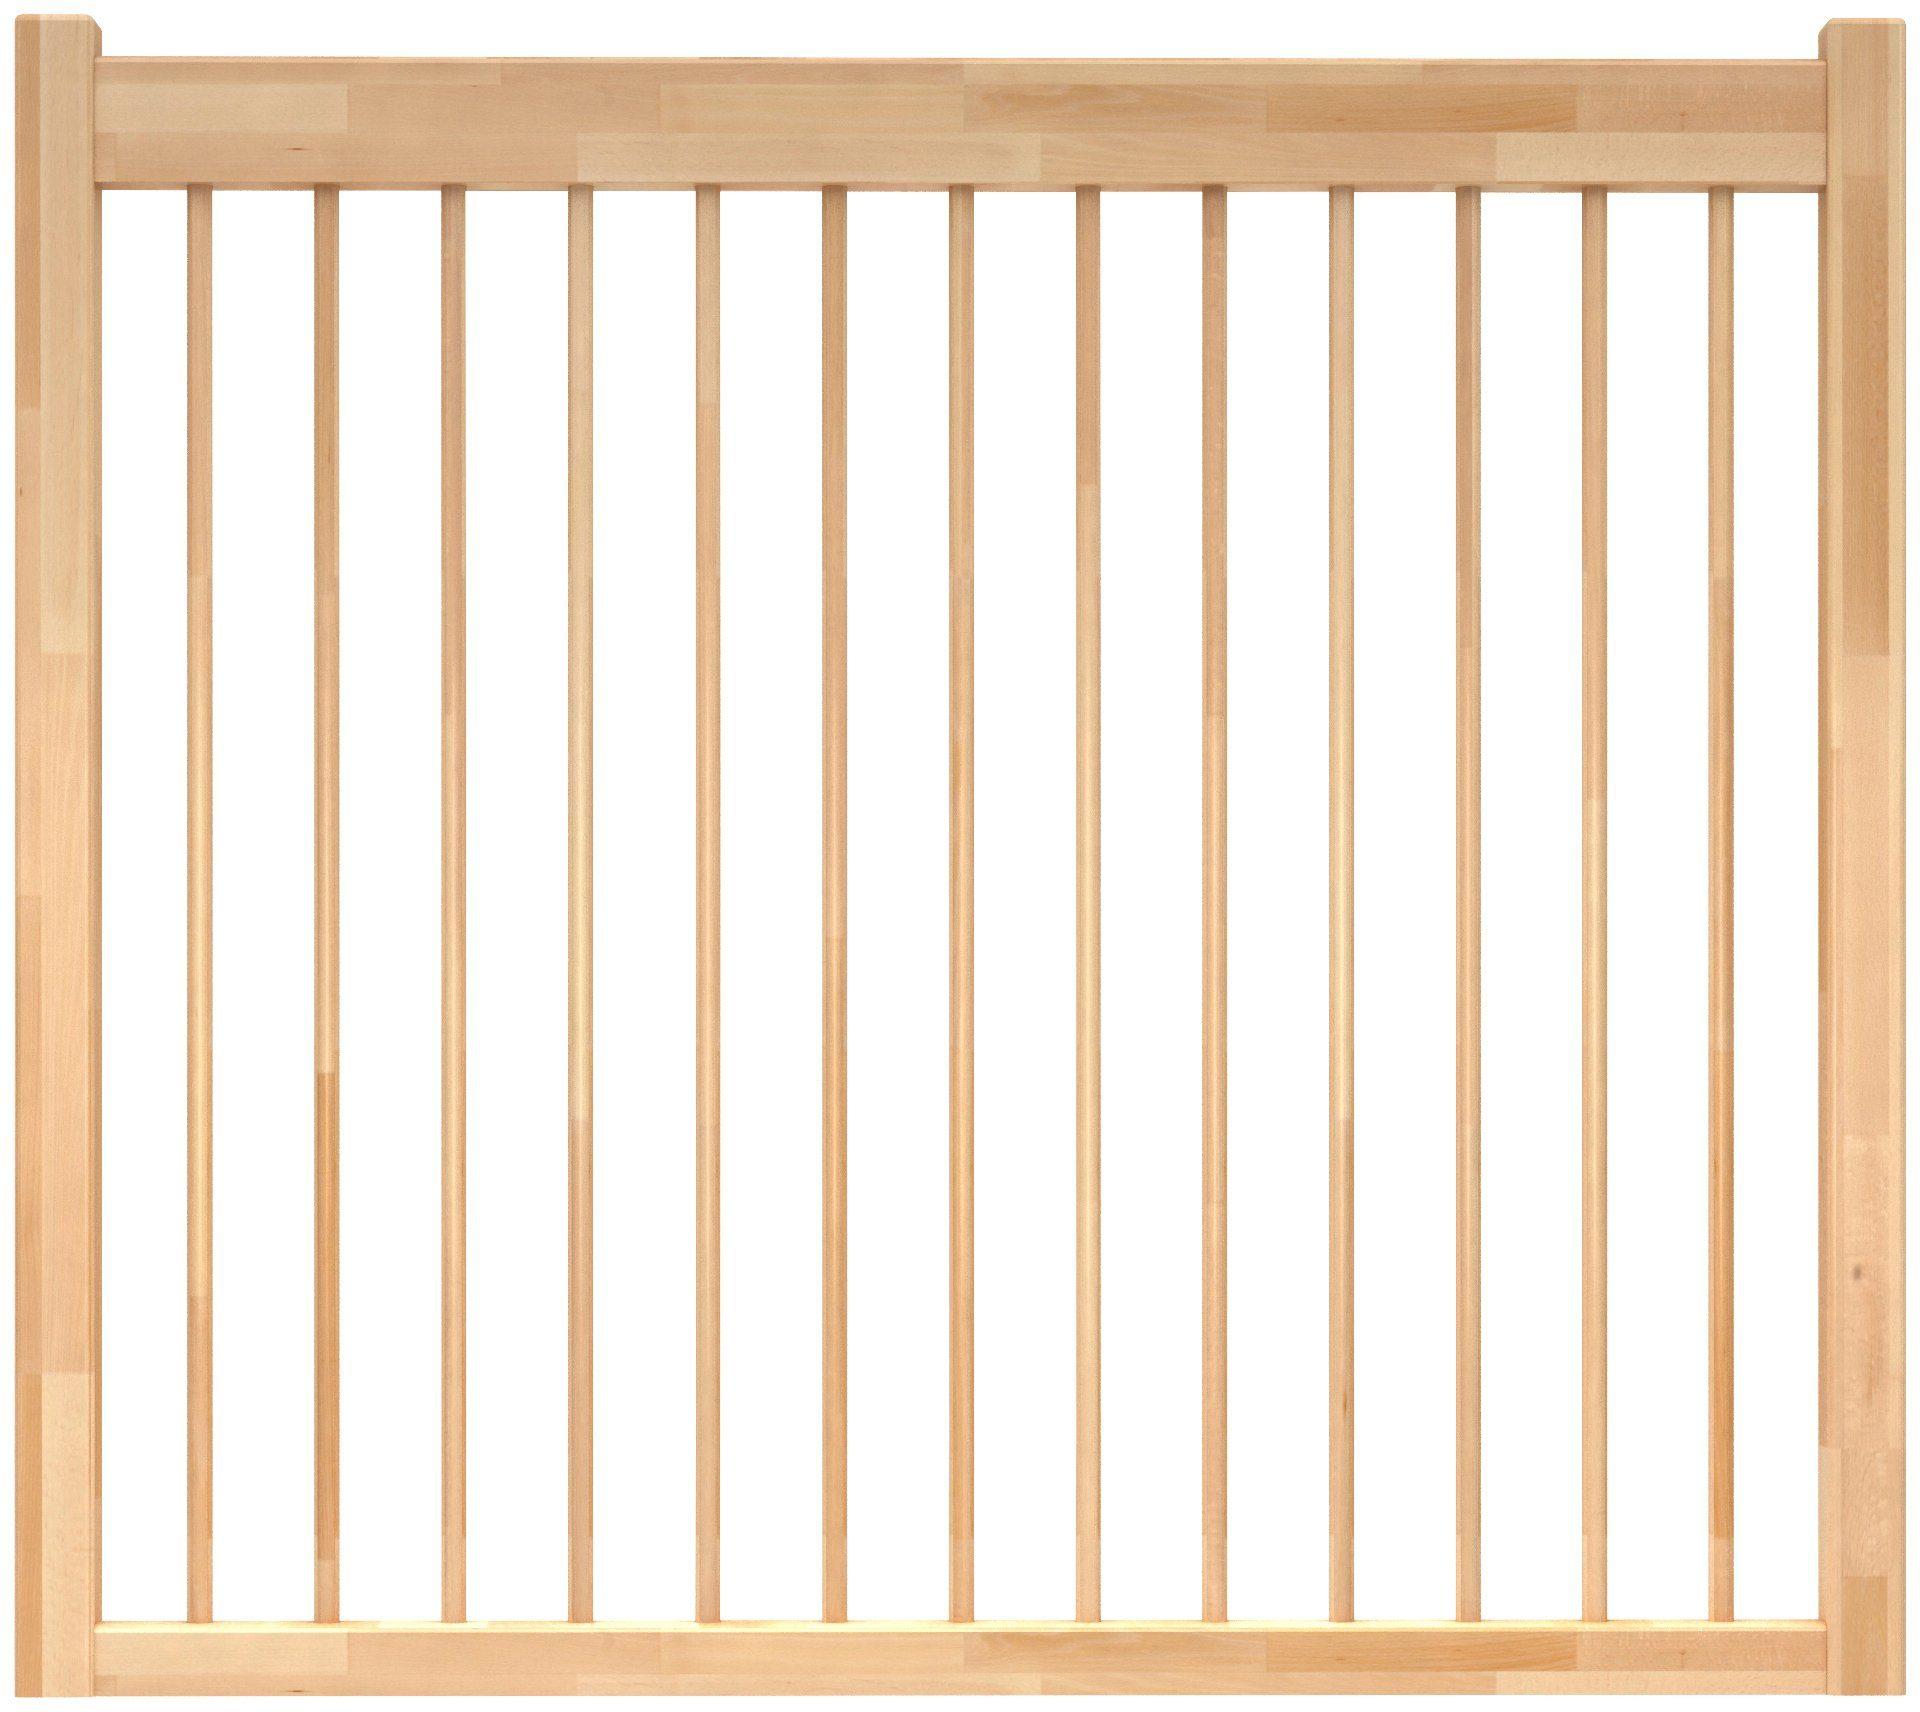 DOLLE Brüstungsgeländer »Lyon«, L: 200 cm, buche, mit Holzstäben